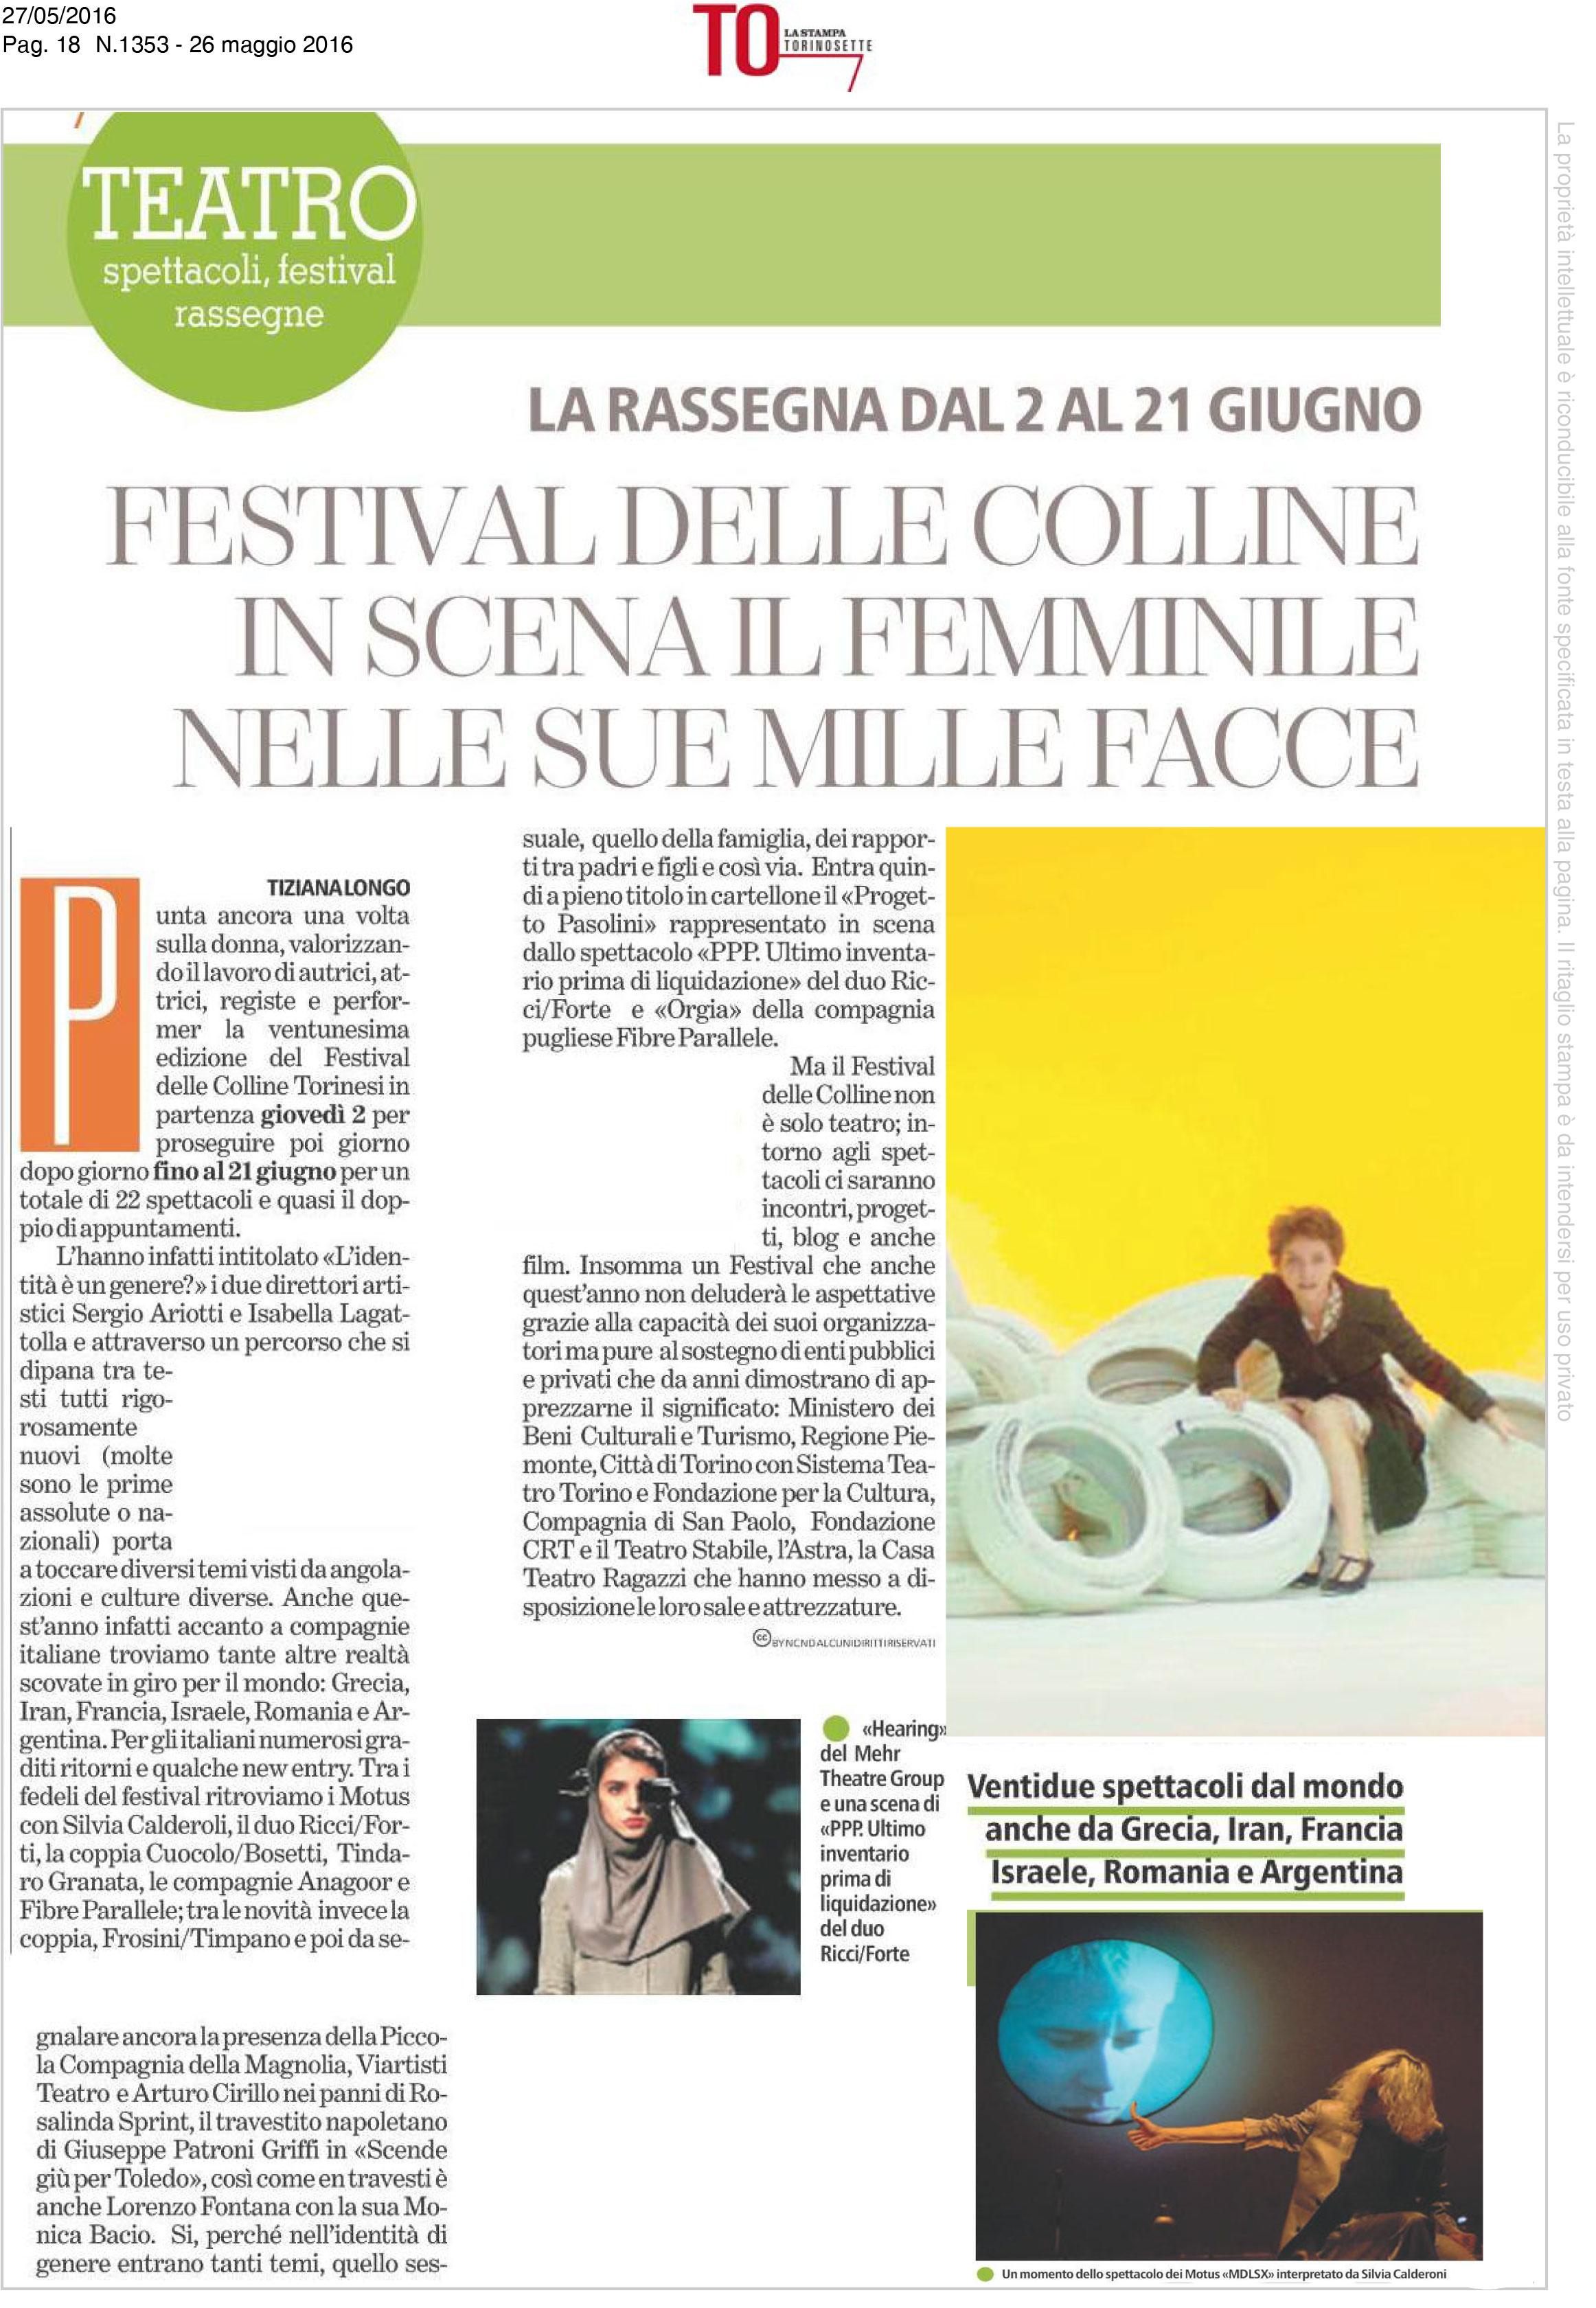 20160527_festival-delle-colline-in-scena-il-femminile-nelle-sue-mille-facce-1